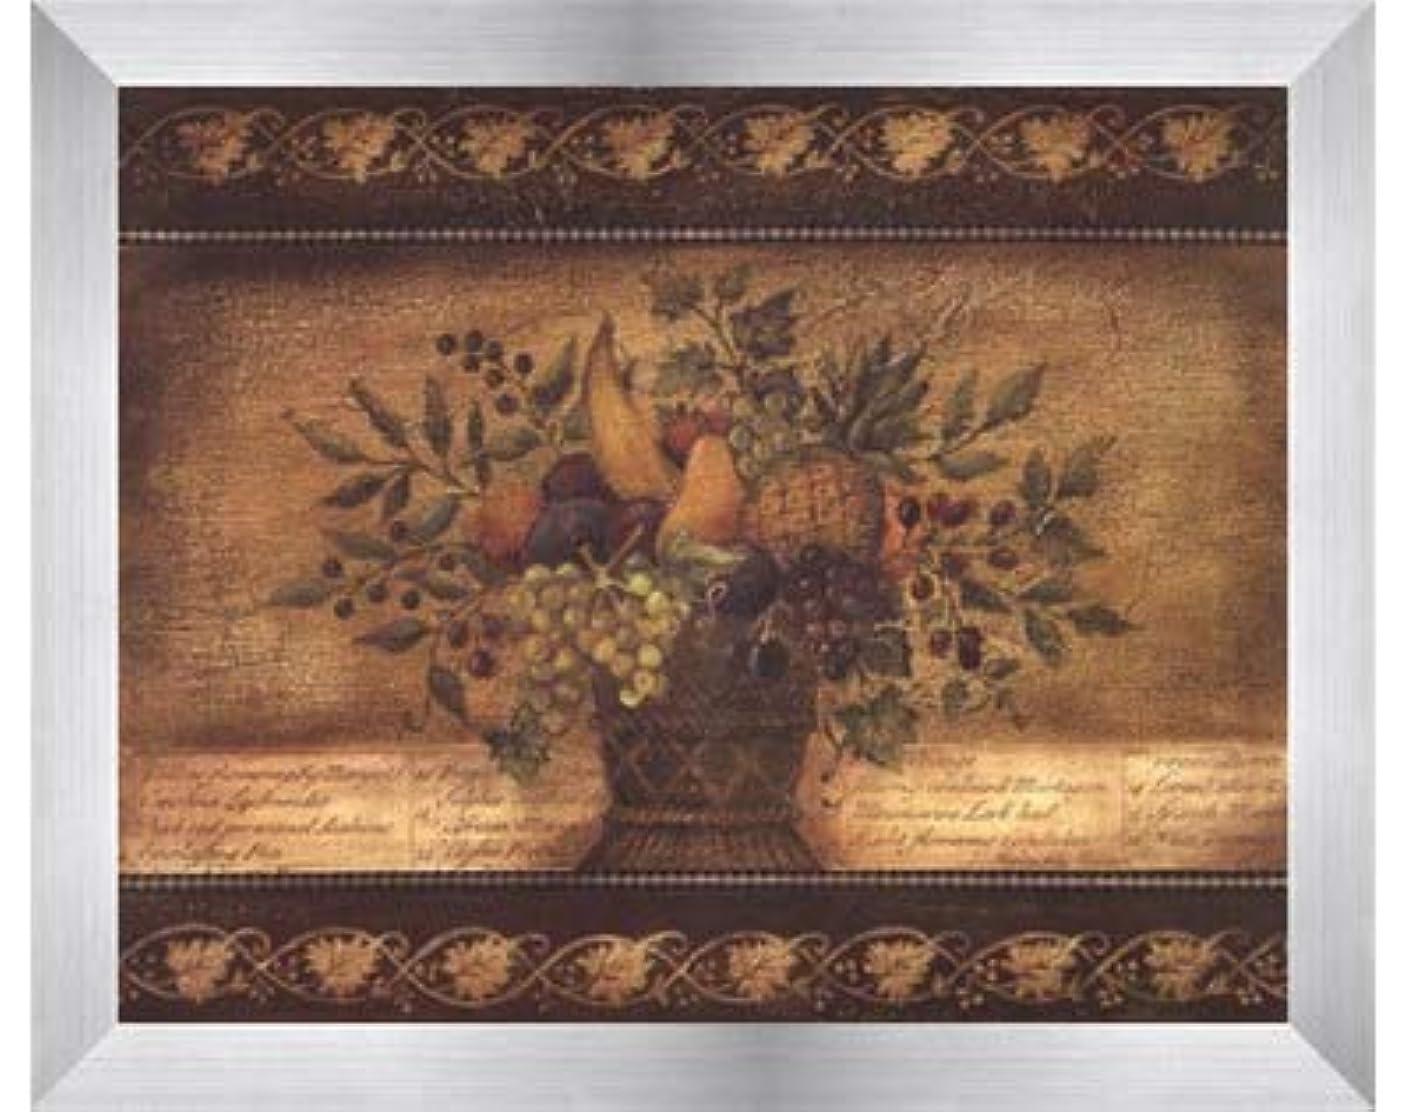 寝具幸運思春期のOld World Abundance I by Kimberly Poloson – 10 x 8インチ – アートプリントポスター LE_112347-F9935-10x8